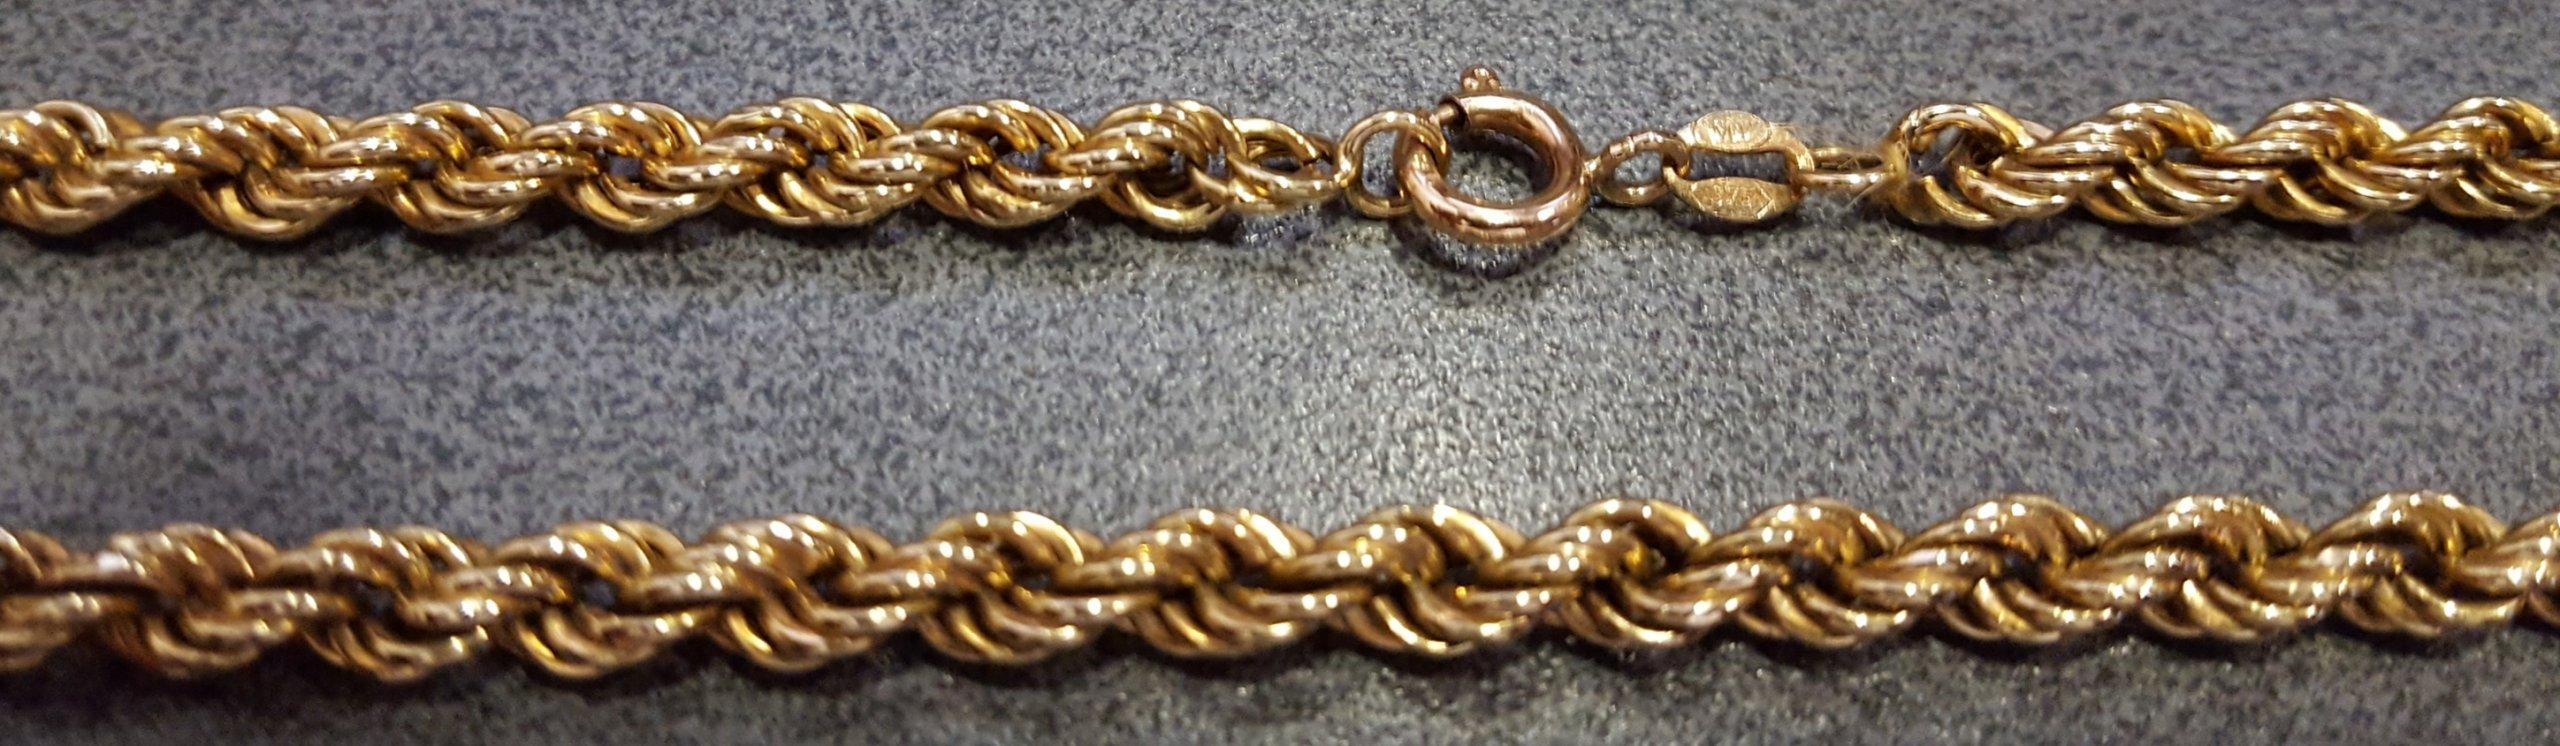 Złoty łańcuszek pr.0.375 waga 9.35g